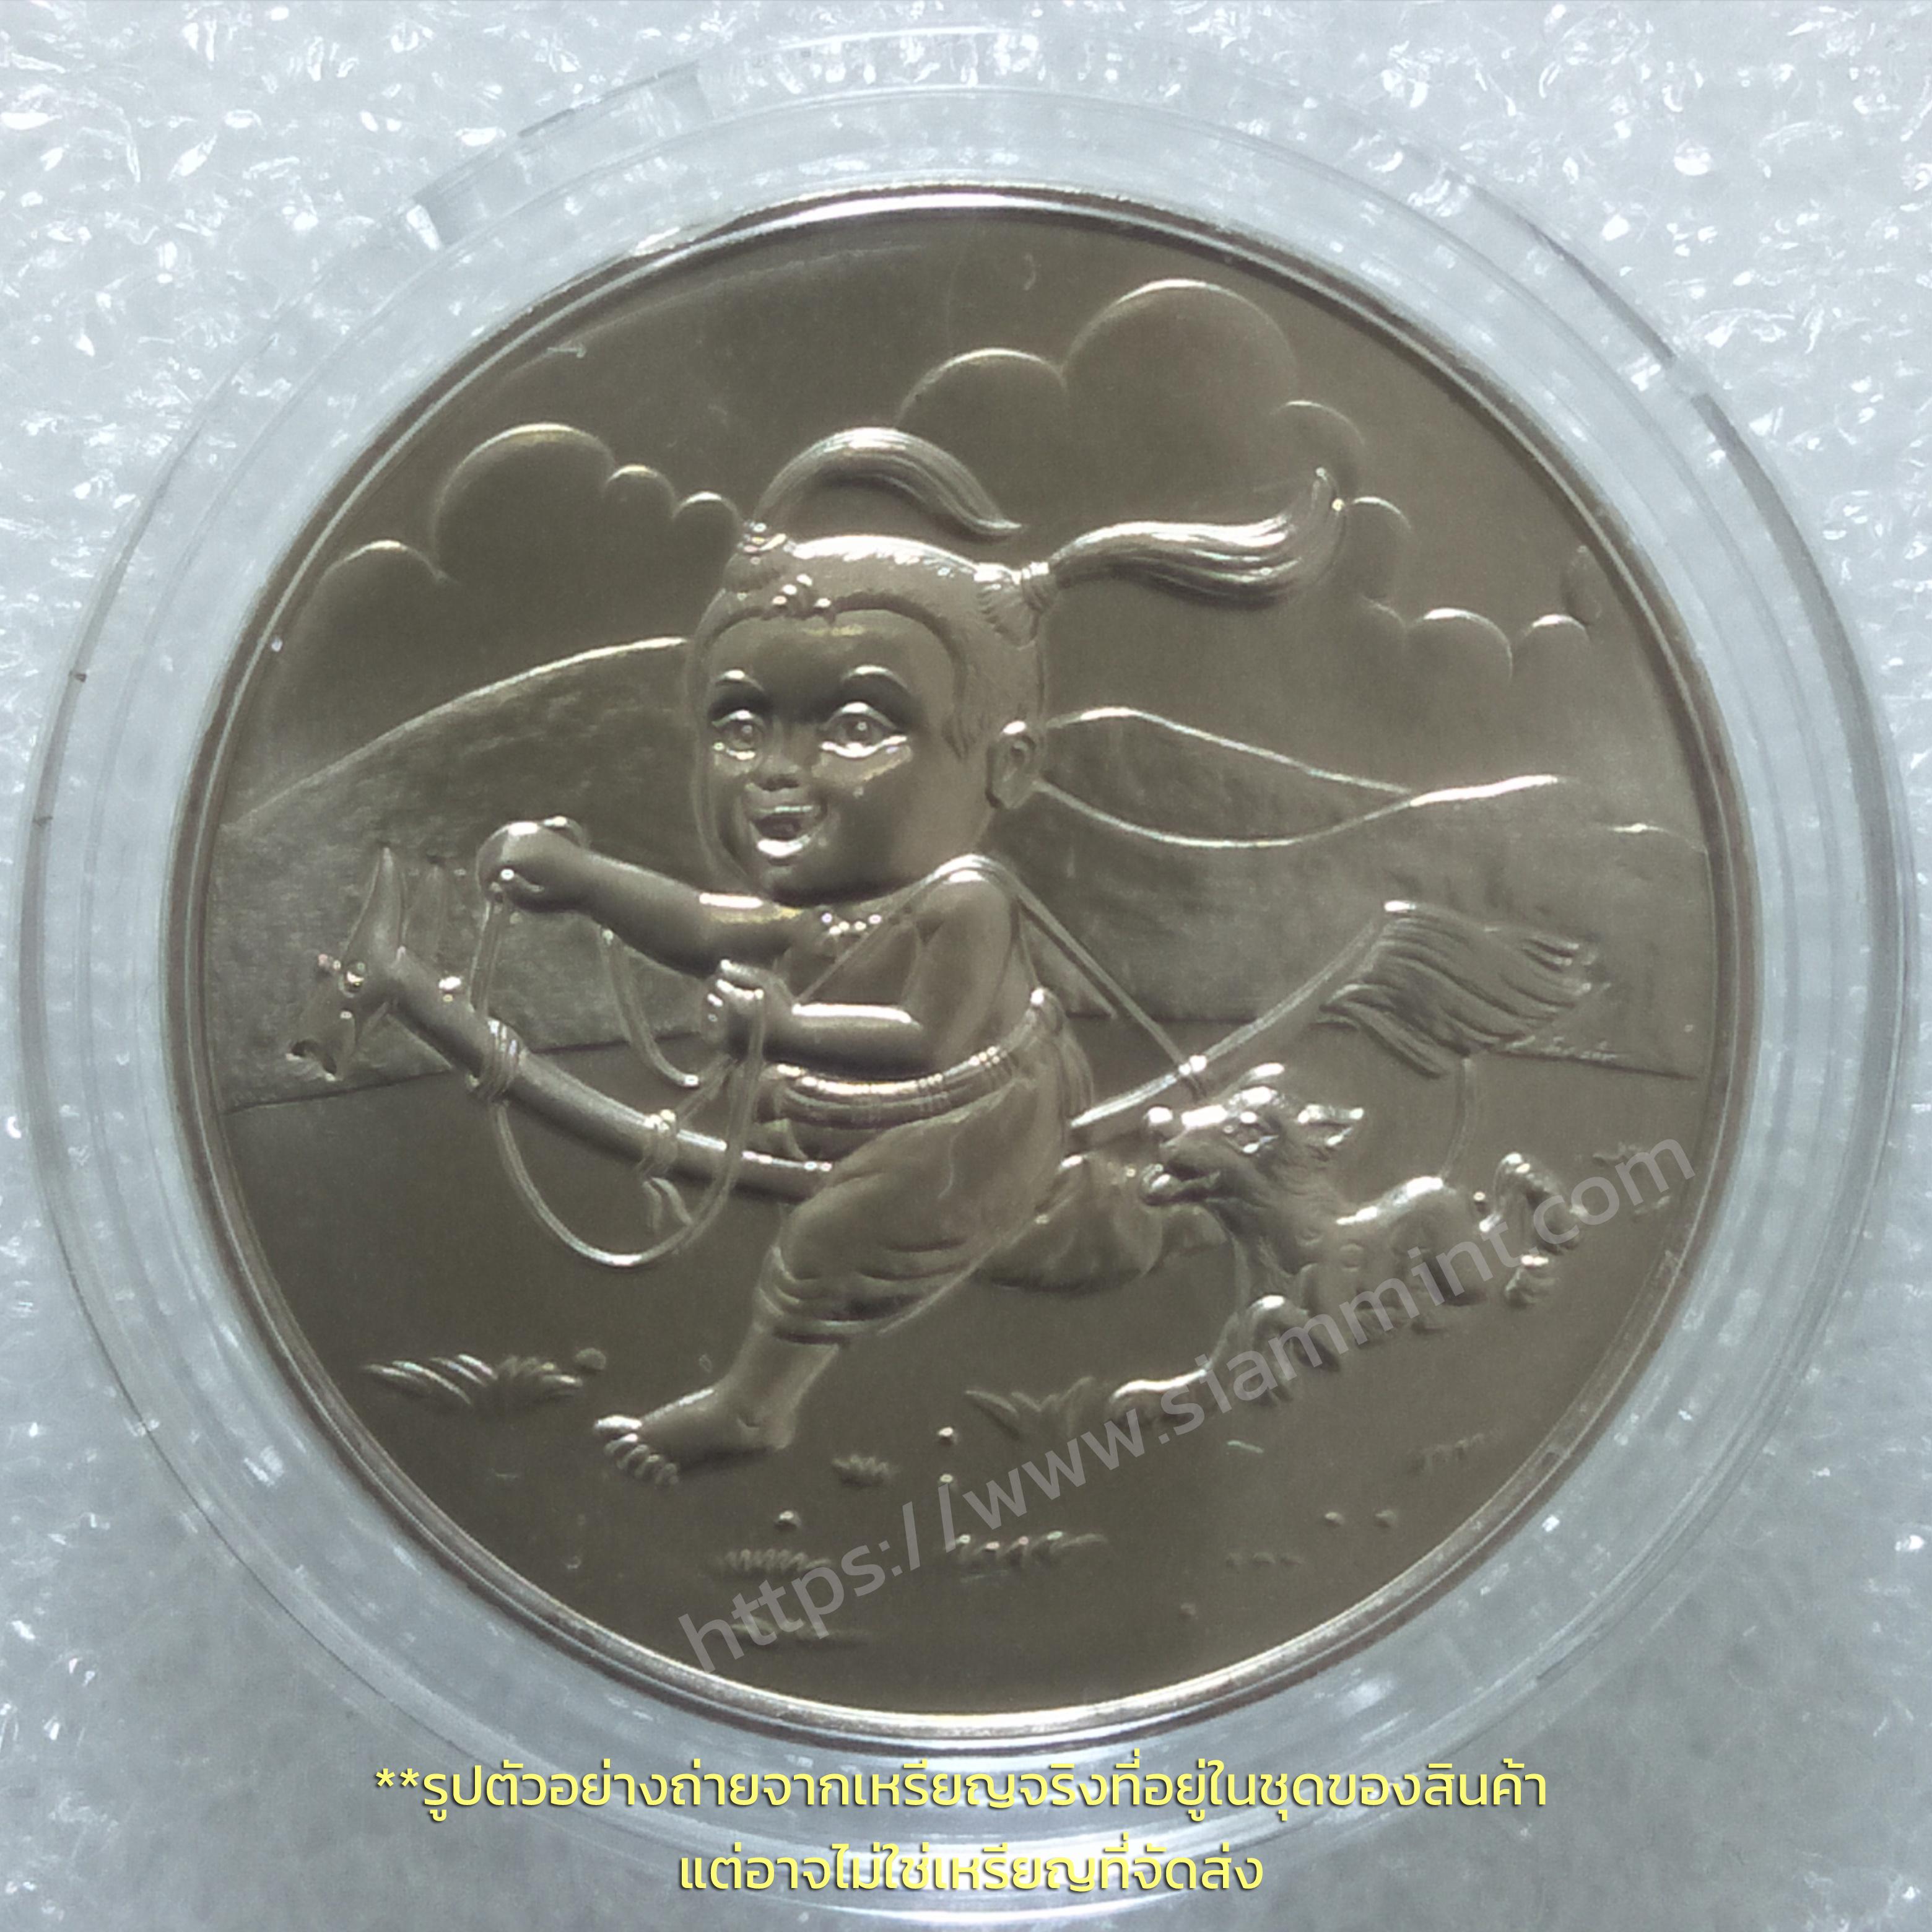 เหรียญที่ระลึกวันเด็กแห่งชาติ ประจำปี 2561